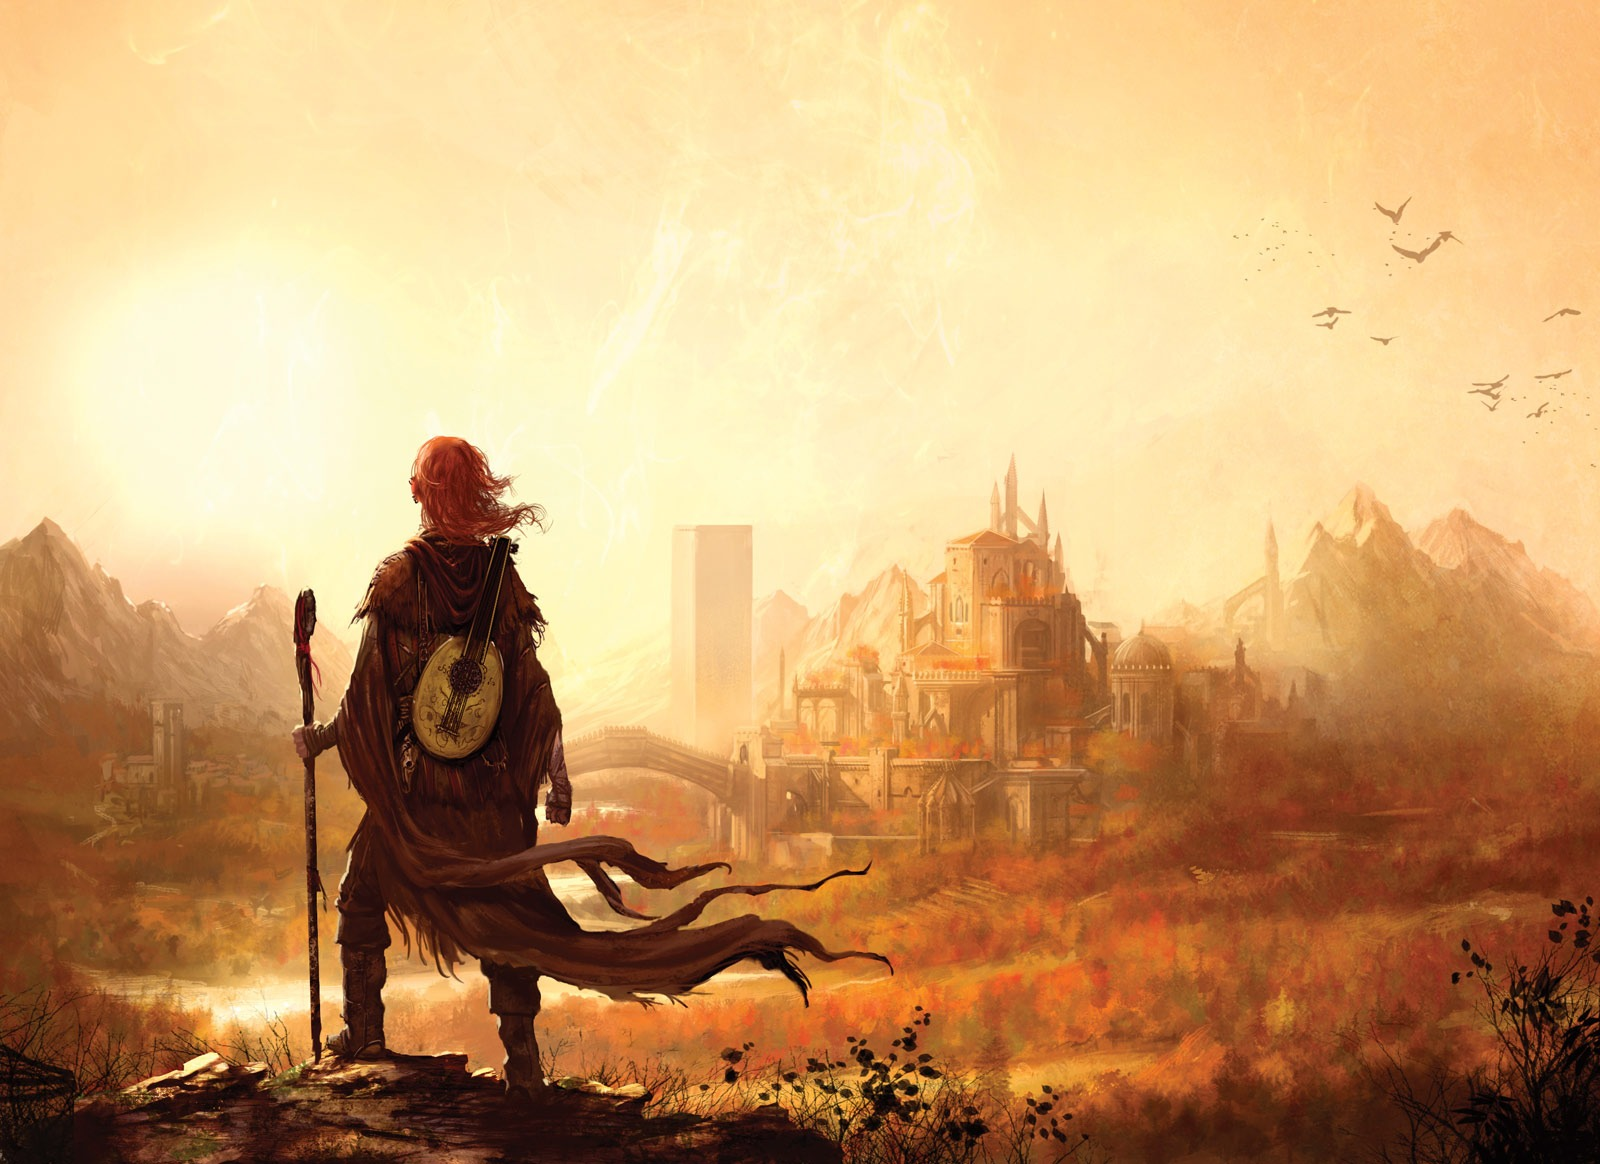 The_name_of_the_wind_2d_fantasy_landscape_adventurer_picture_image_digital_art